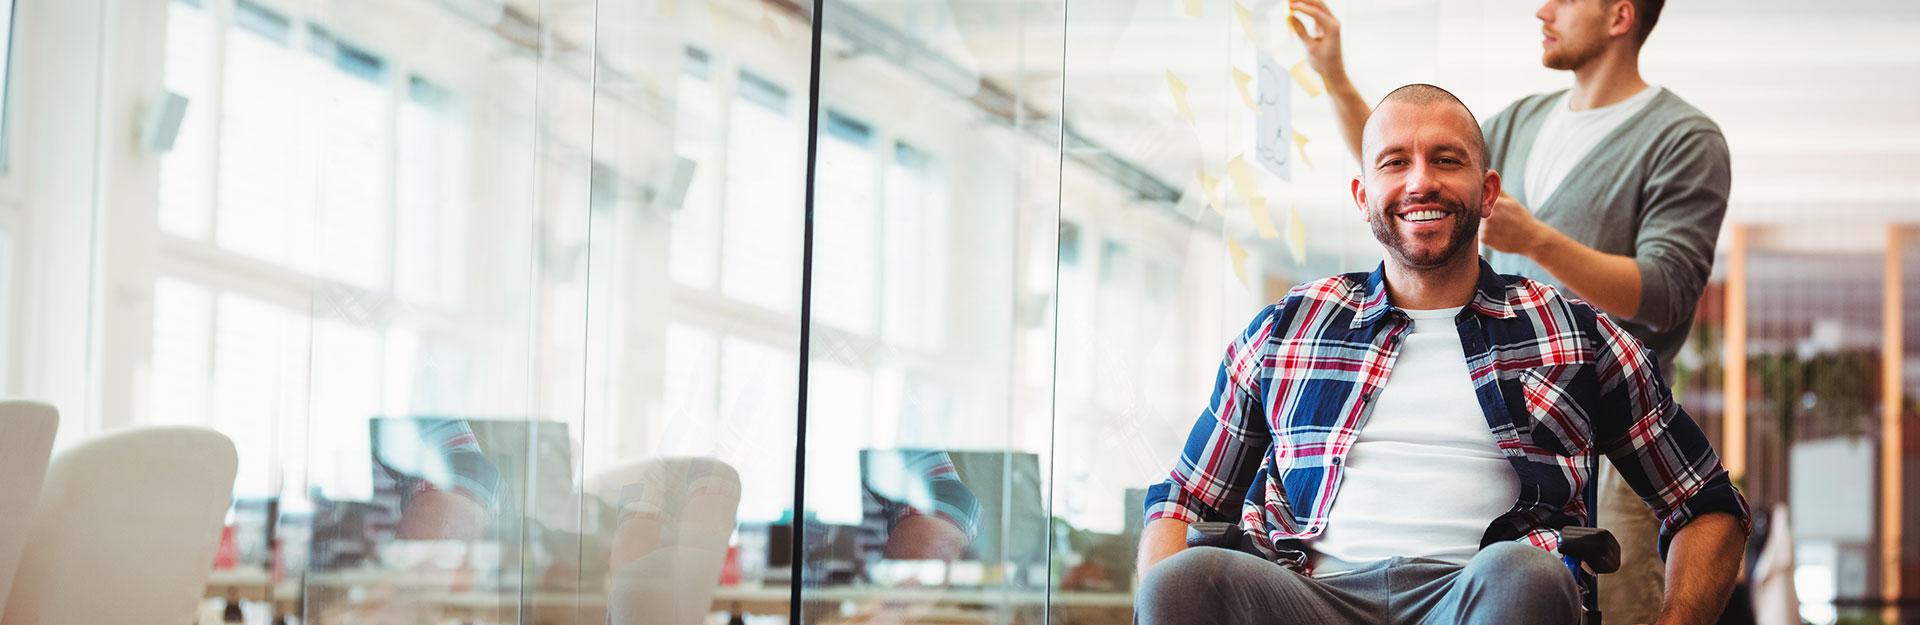 Un empleado en silla de ruedas posa sonriente en una oficina mientras otro trabaja al fondo.